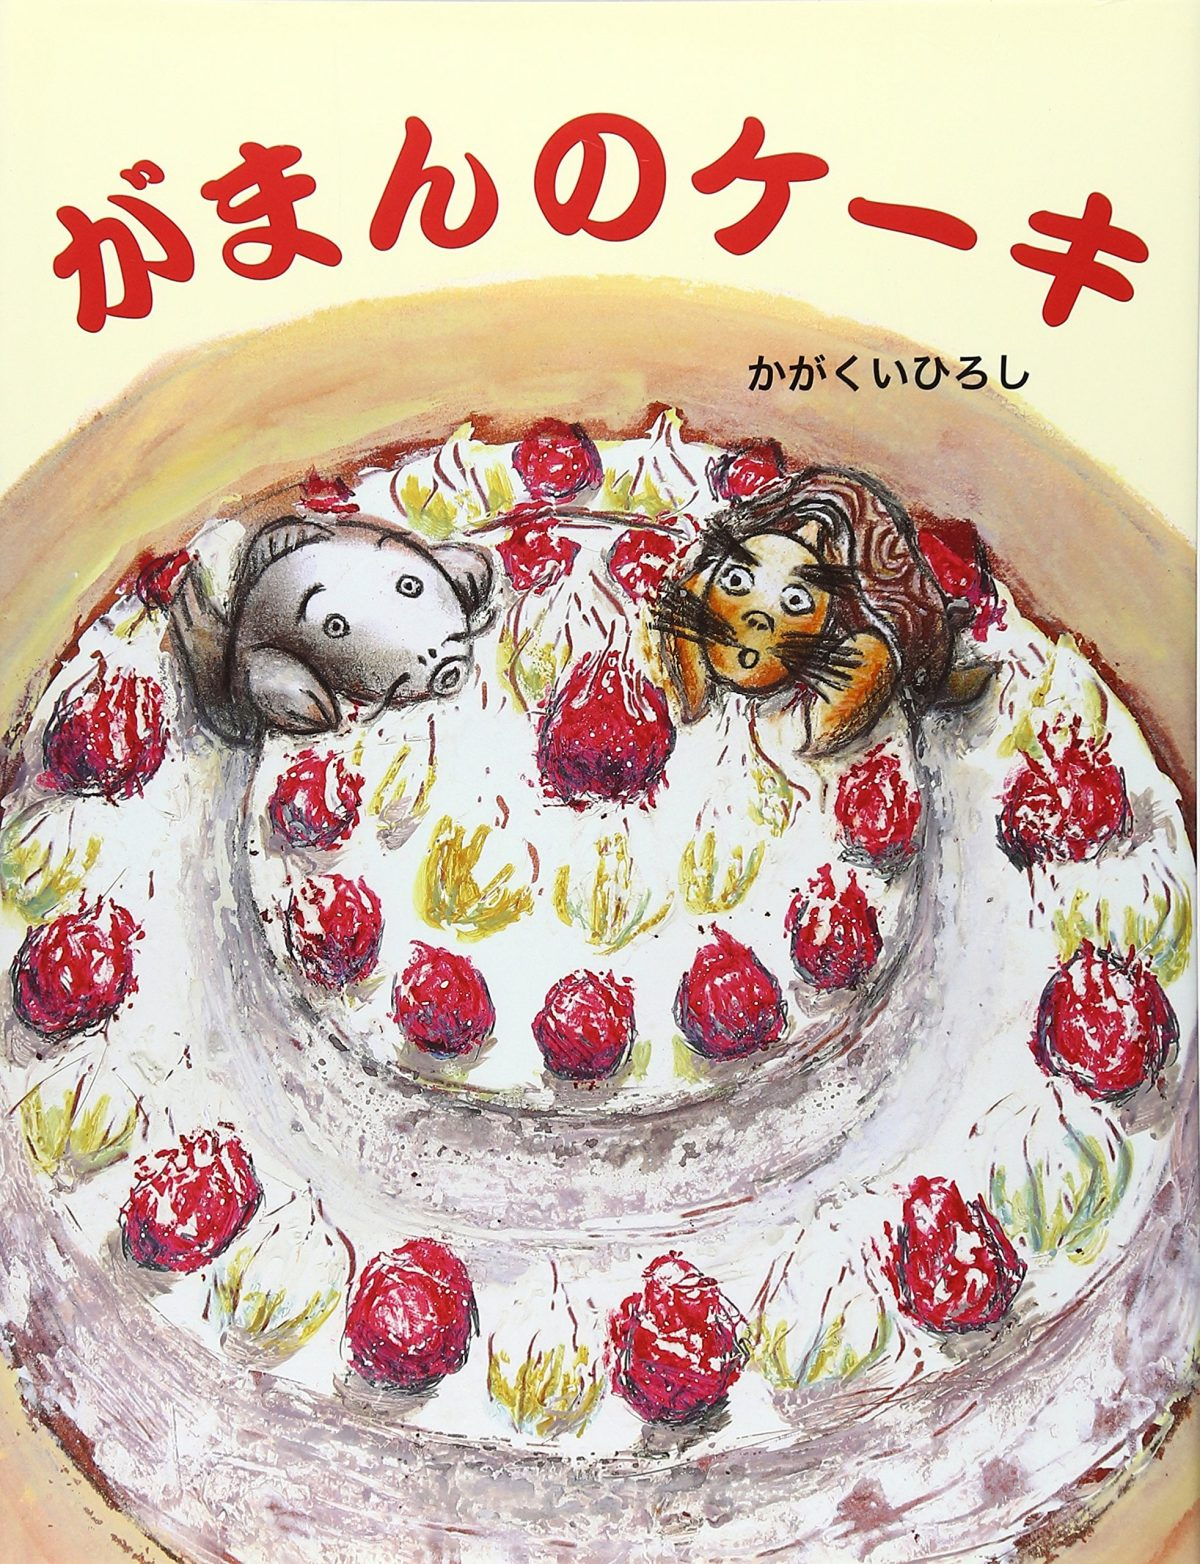 絵本「がまんのケーキ」の表紙